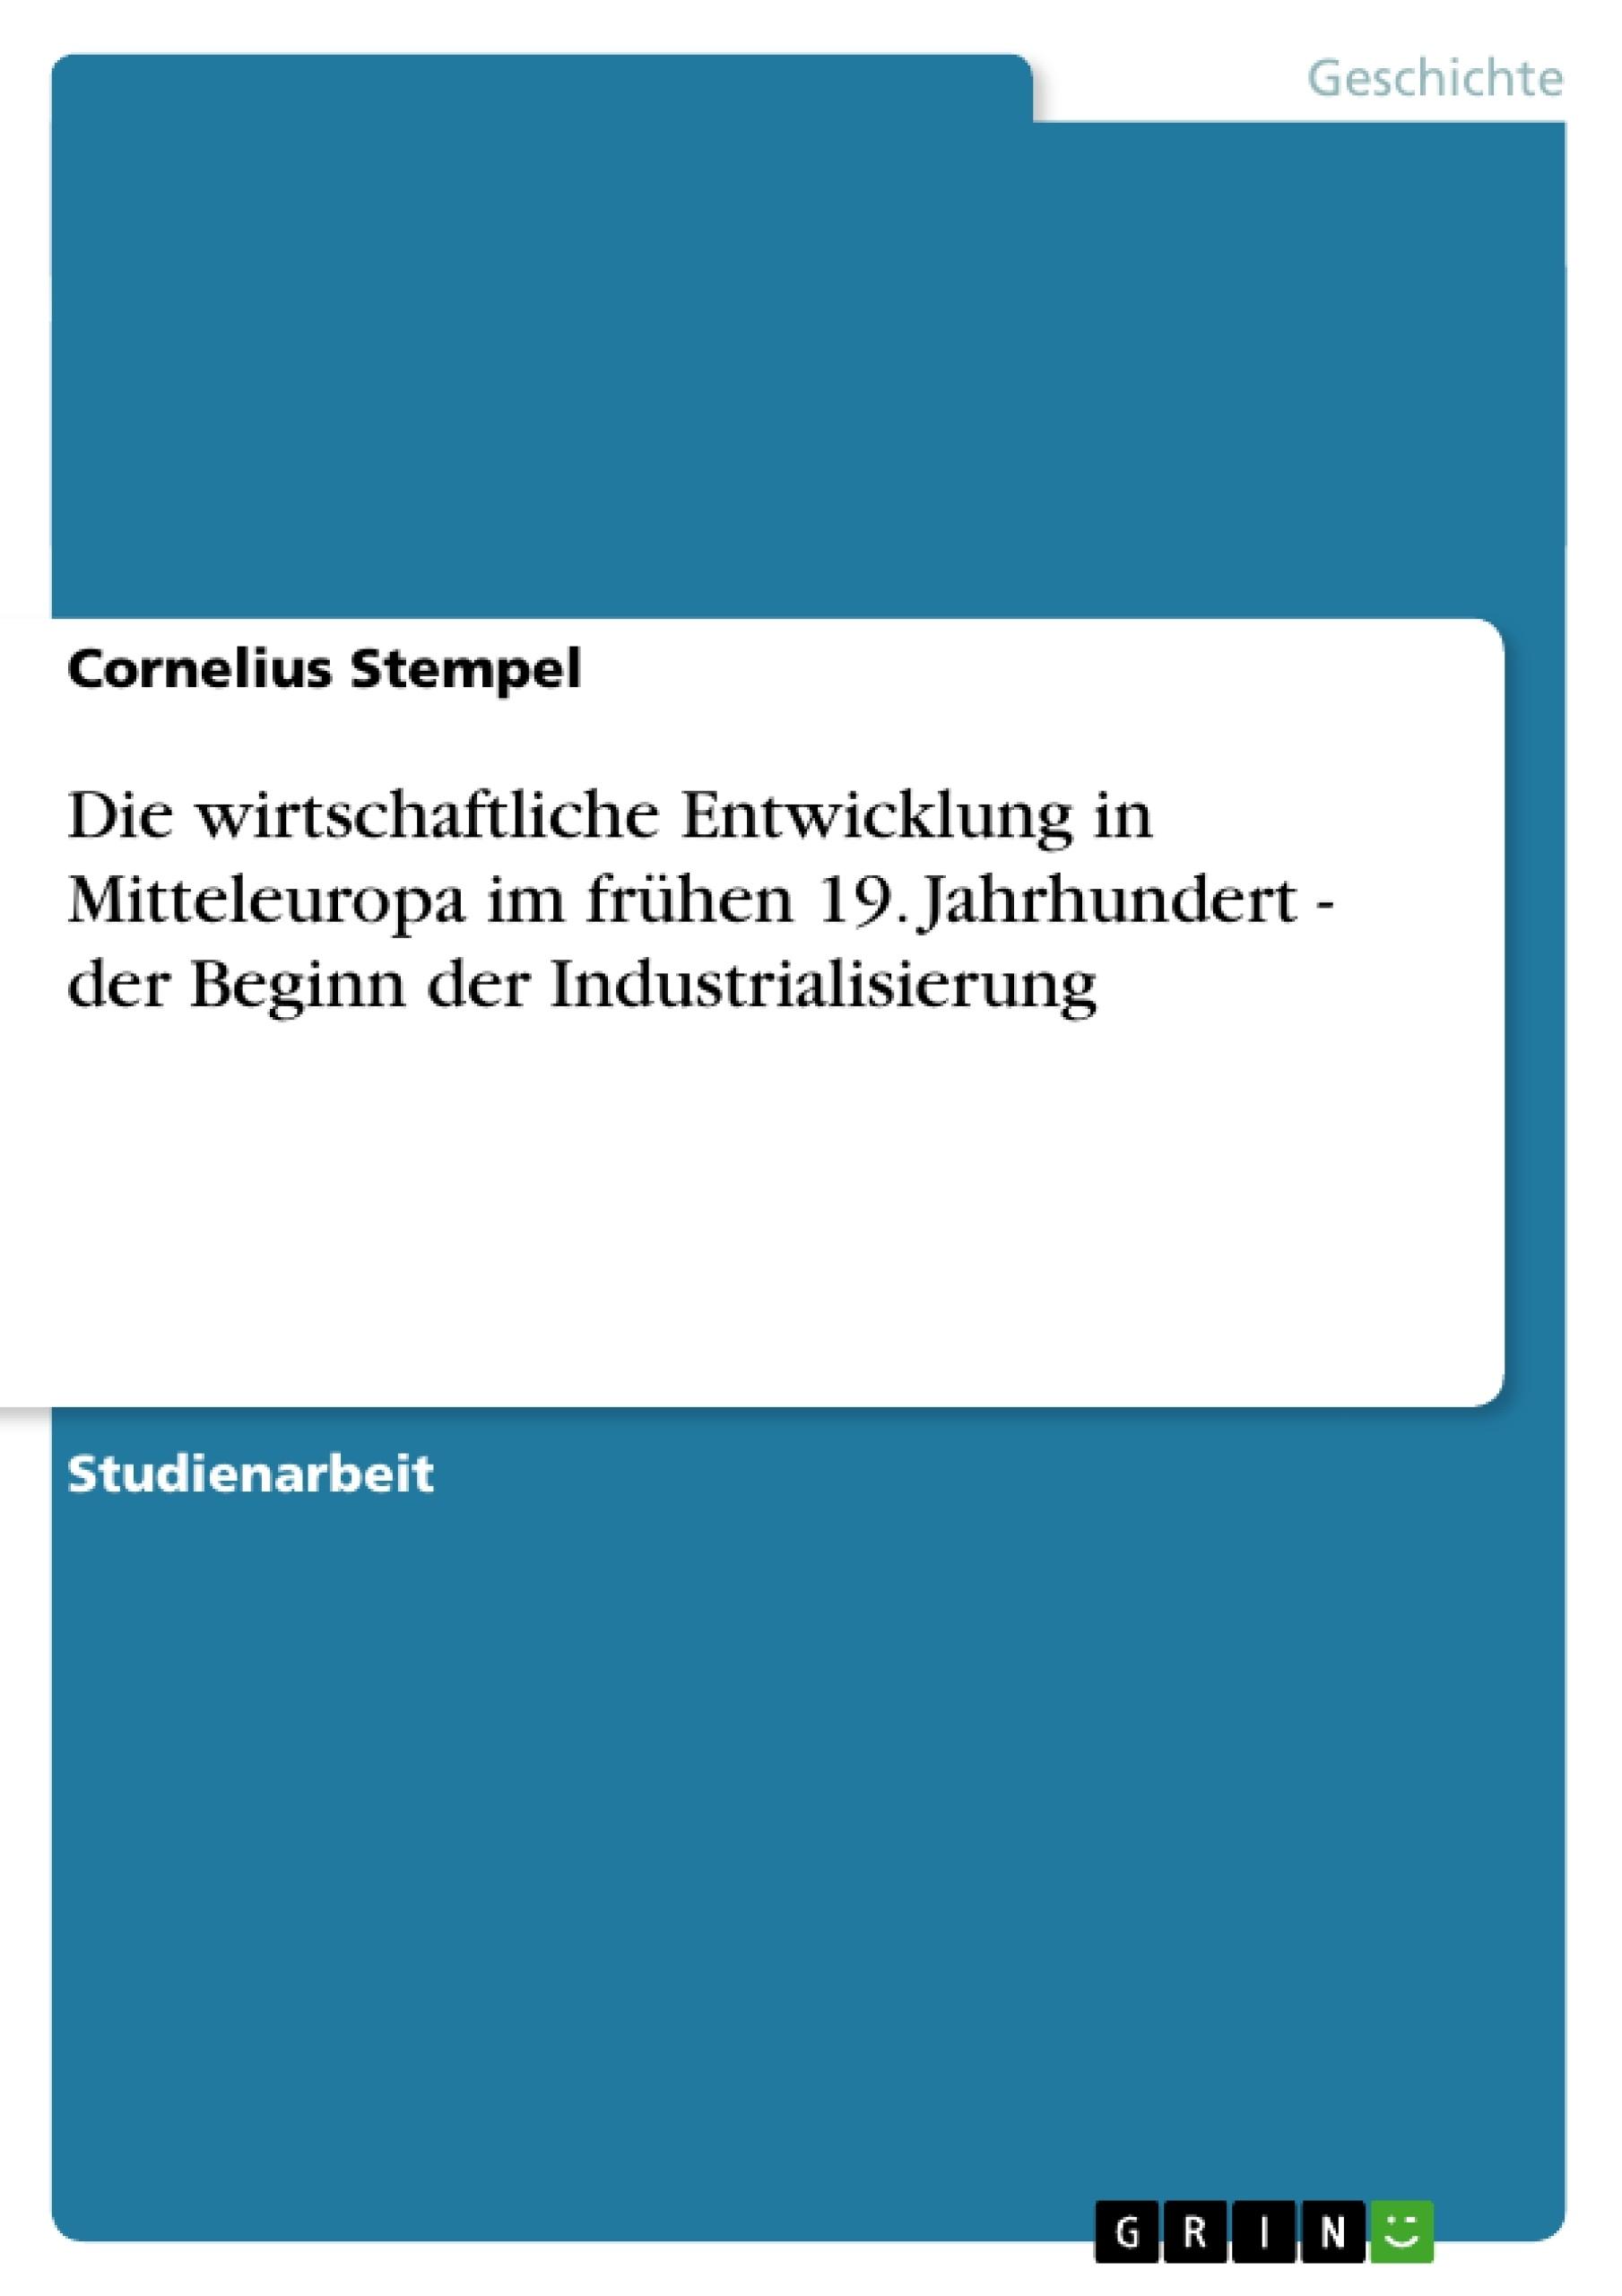 Titel: Die wirtschaftliche Entwicklung in Mitteleuropa im frühen 19. Jahrhundert - der Beginn der Industrialisierung